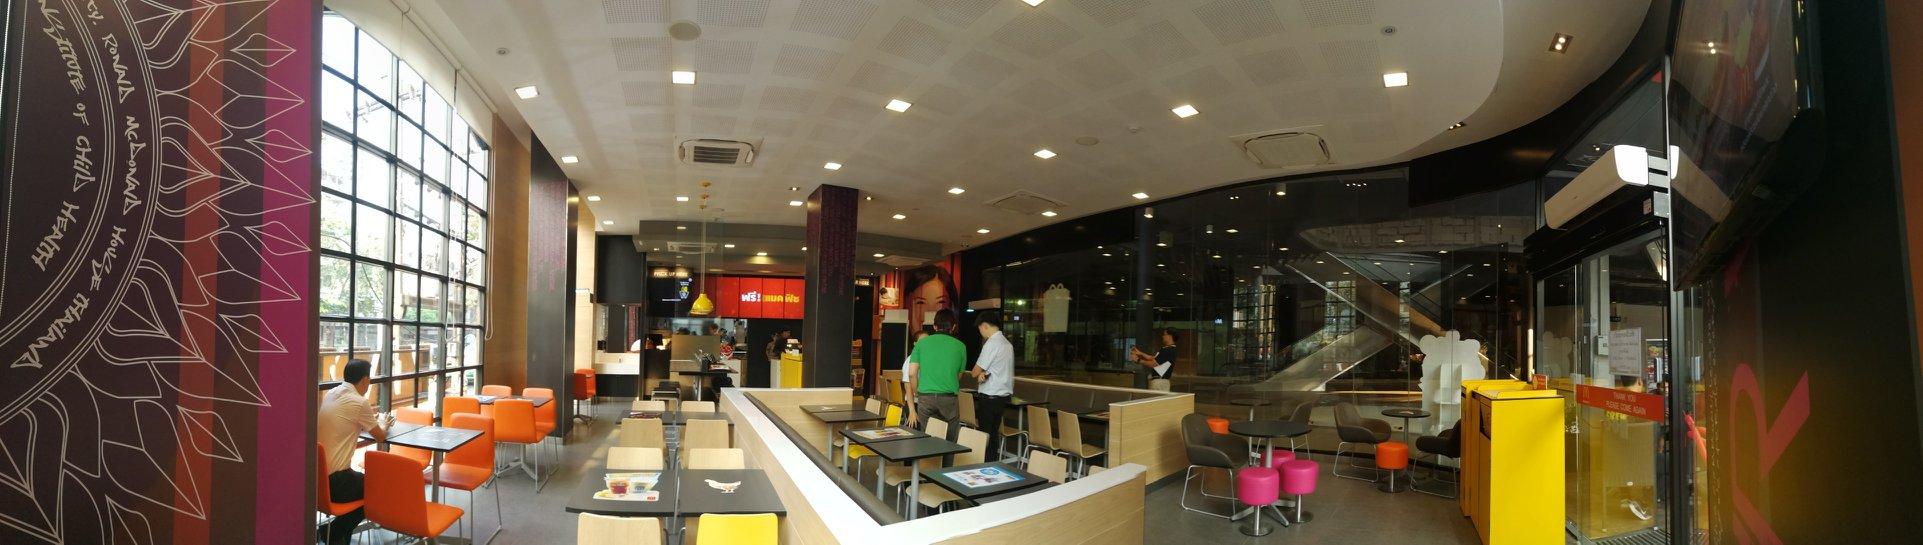 ร้านกาแฟสวยๆ ร้านกาแฟน่านั่ง ร้านกาแฟ 24 ชั่วโมง ร้านกาแฟ 24 ชั่วโมง สีลม